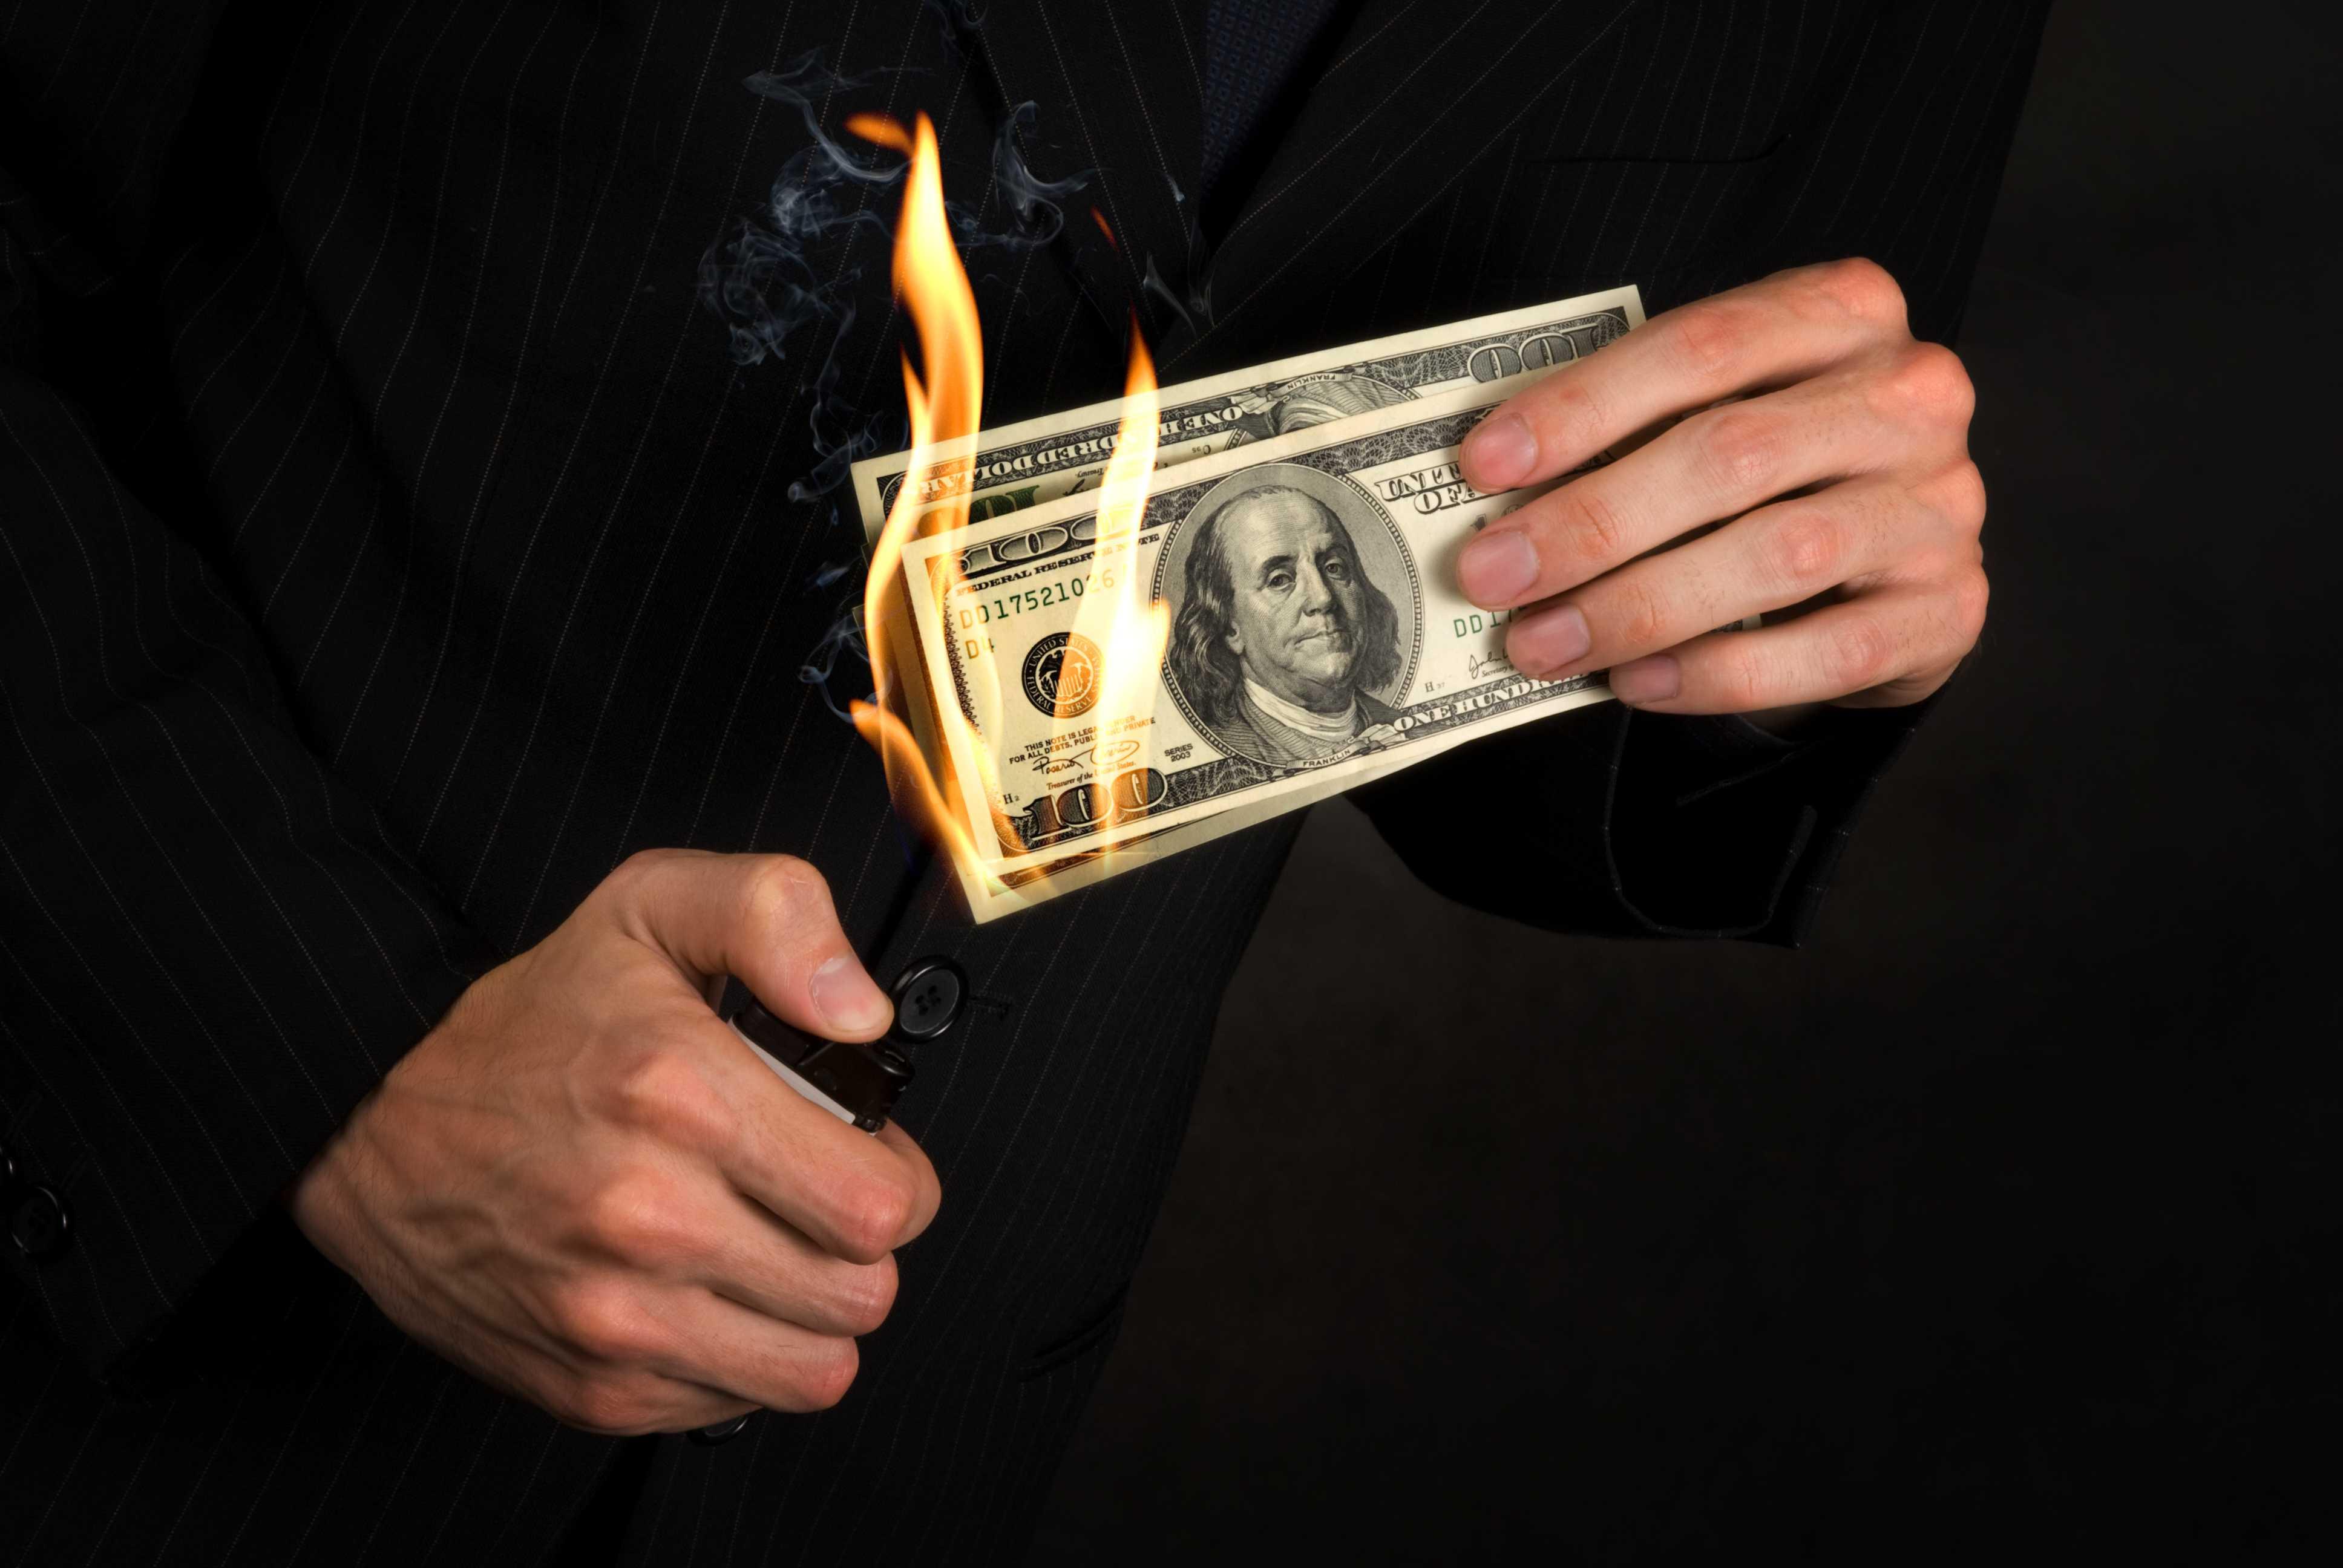 חובת ניכוי מס הכנסה במקור מתשלומים בעד שירותים או נכסים